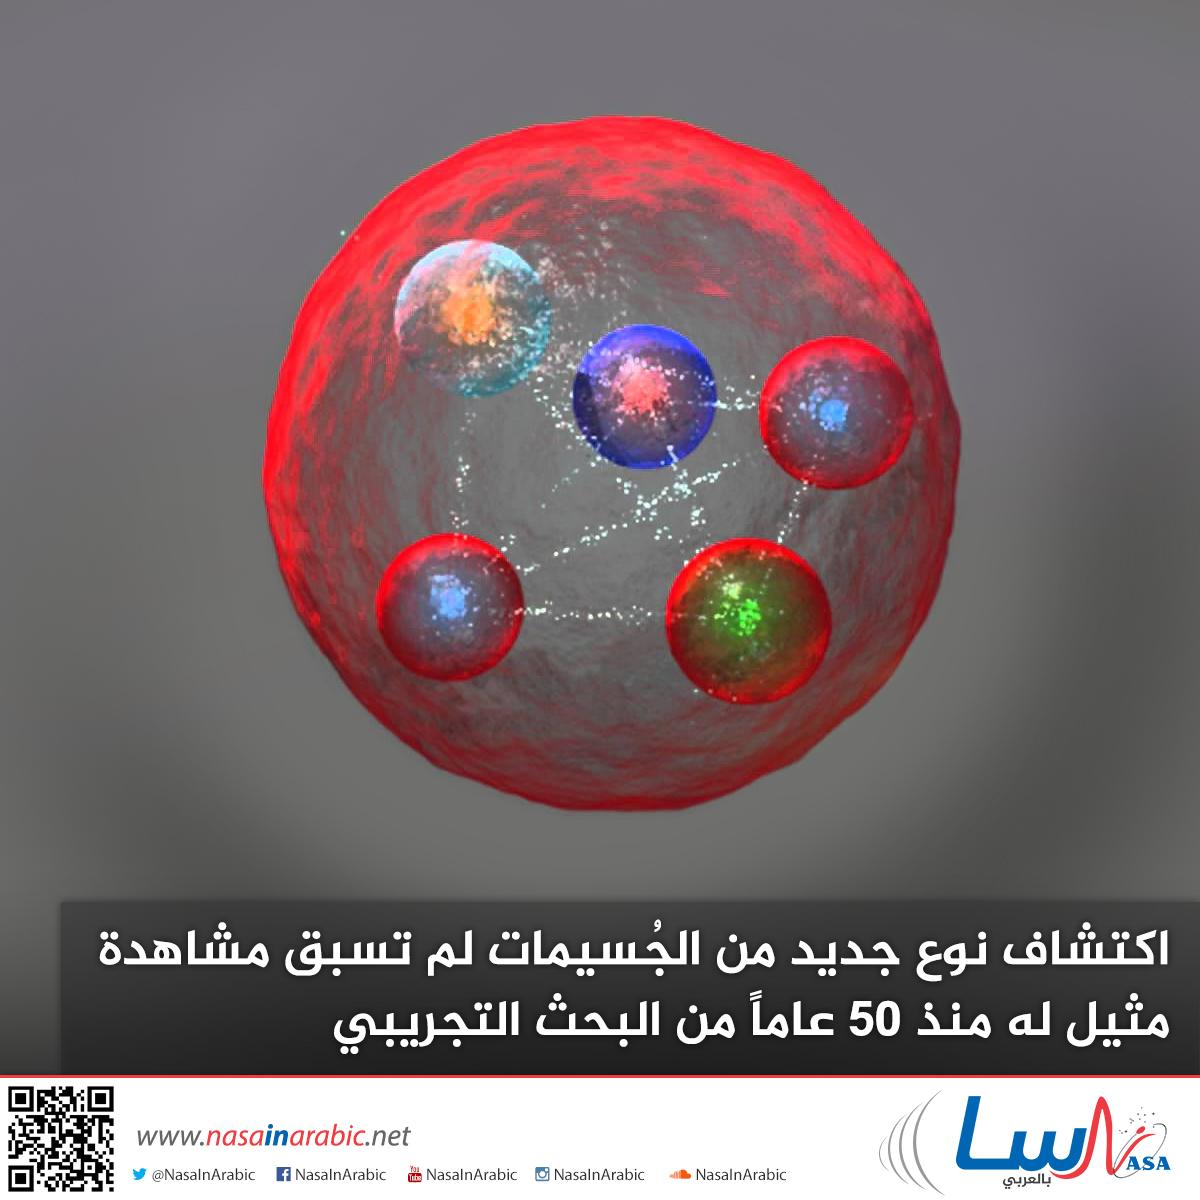 اكتشاف نوع جديد من الجُسيمات لم تسبق مشاهدة مثيل له منذ 50 عاماً من البحث التجريبي